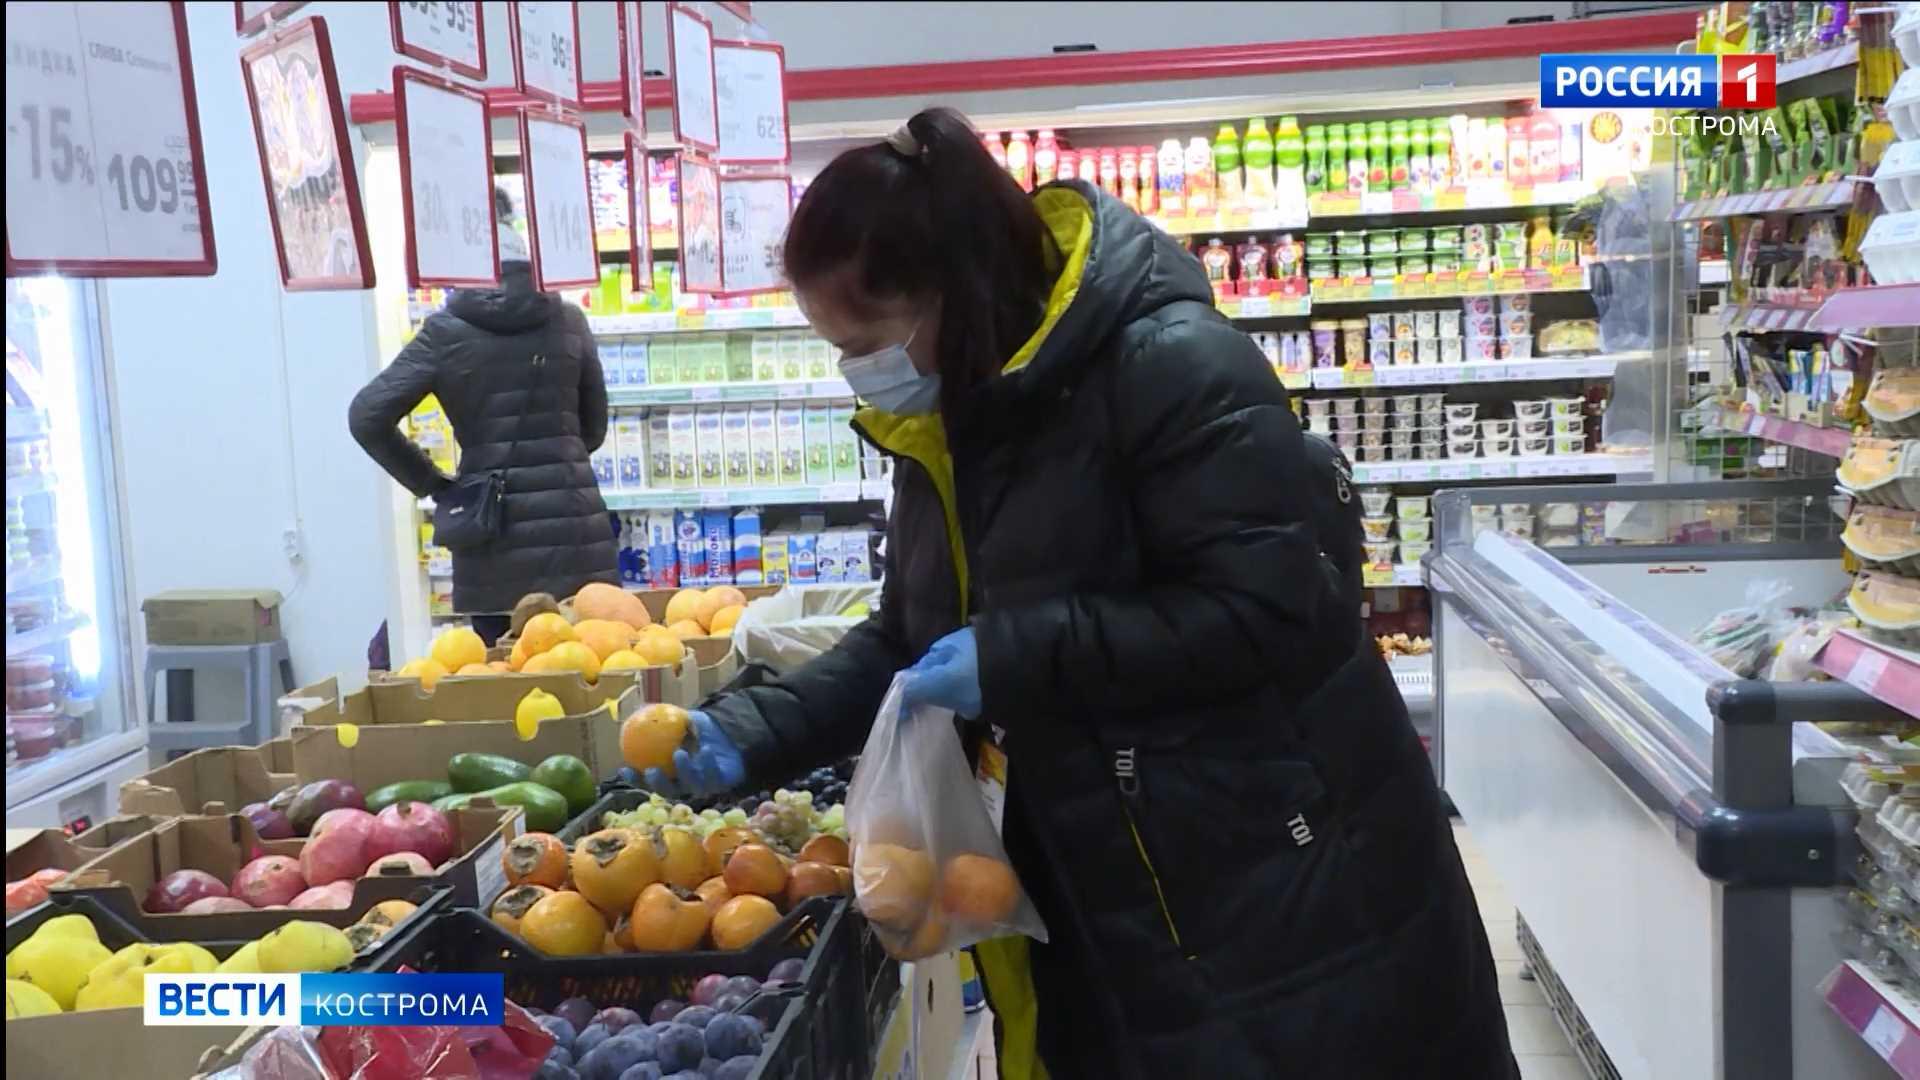 Помощь как призвание: как работают с пенсионерами костромские волонтёры